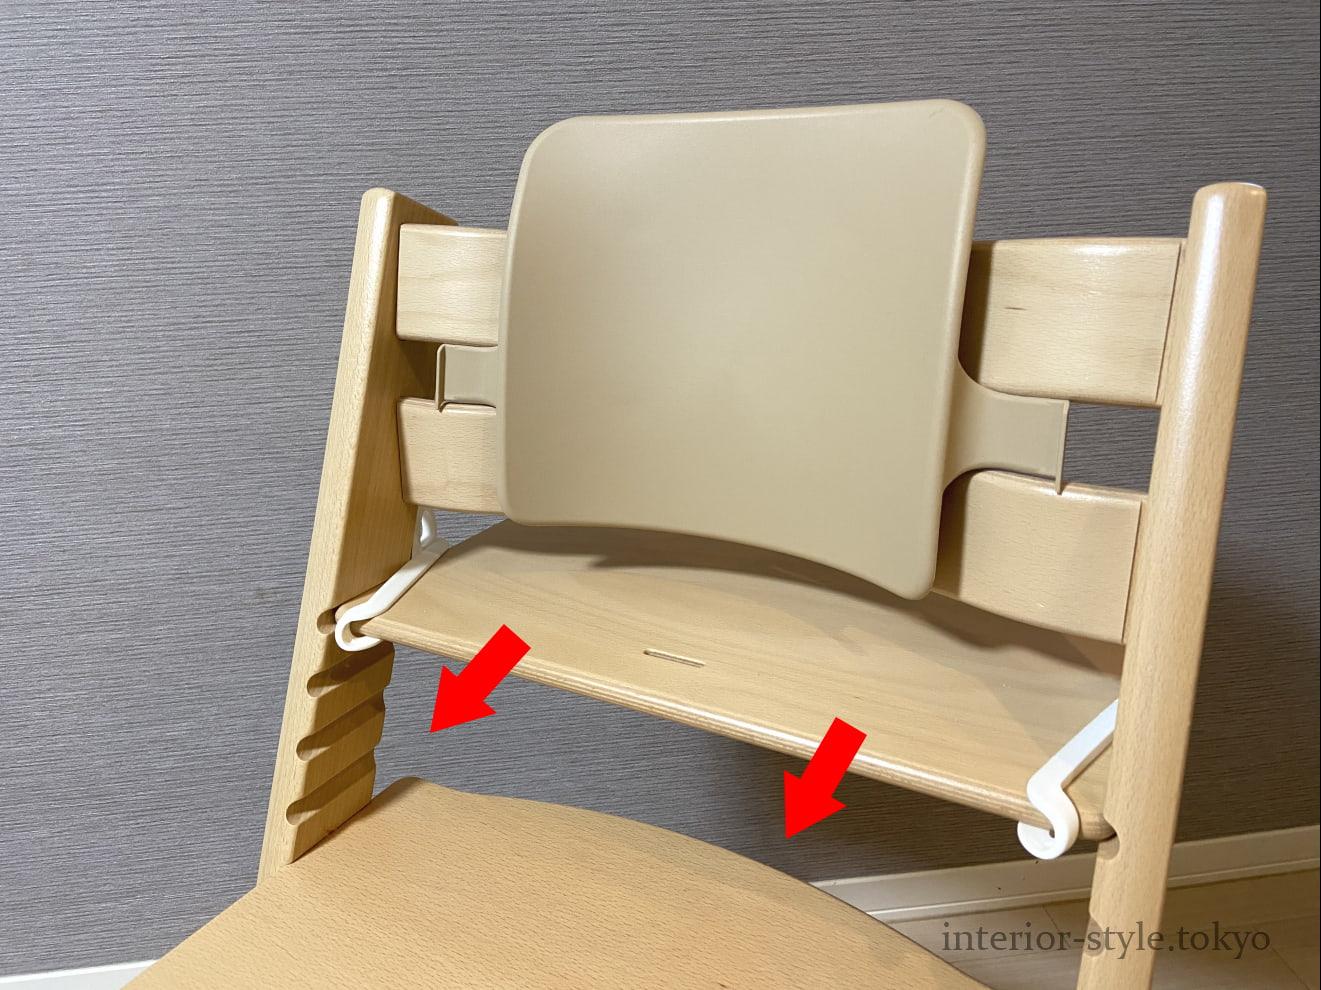 取り付け器具を差し込んだ状態で座板を差し込む